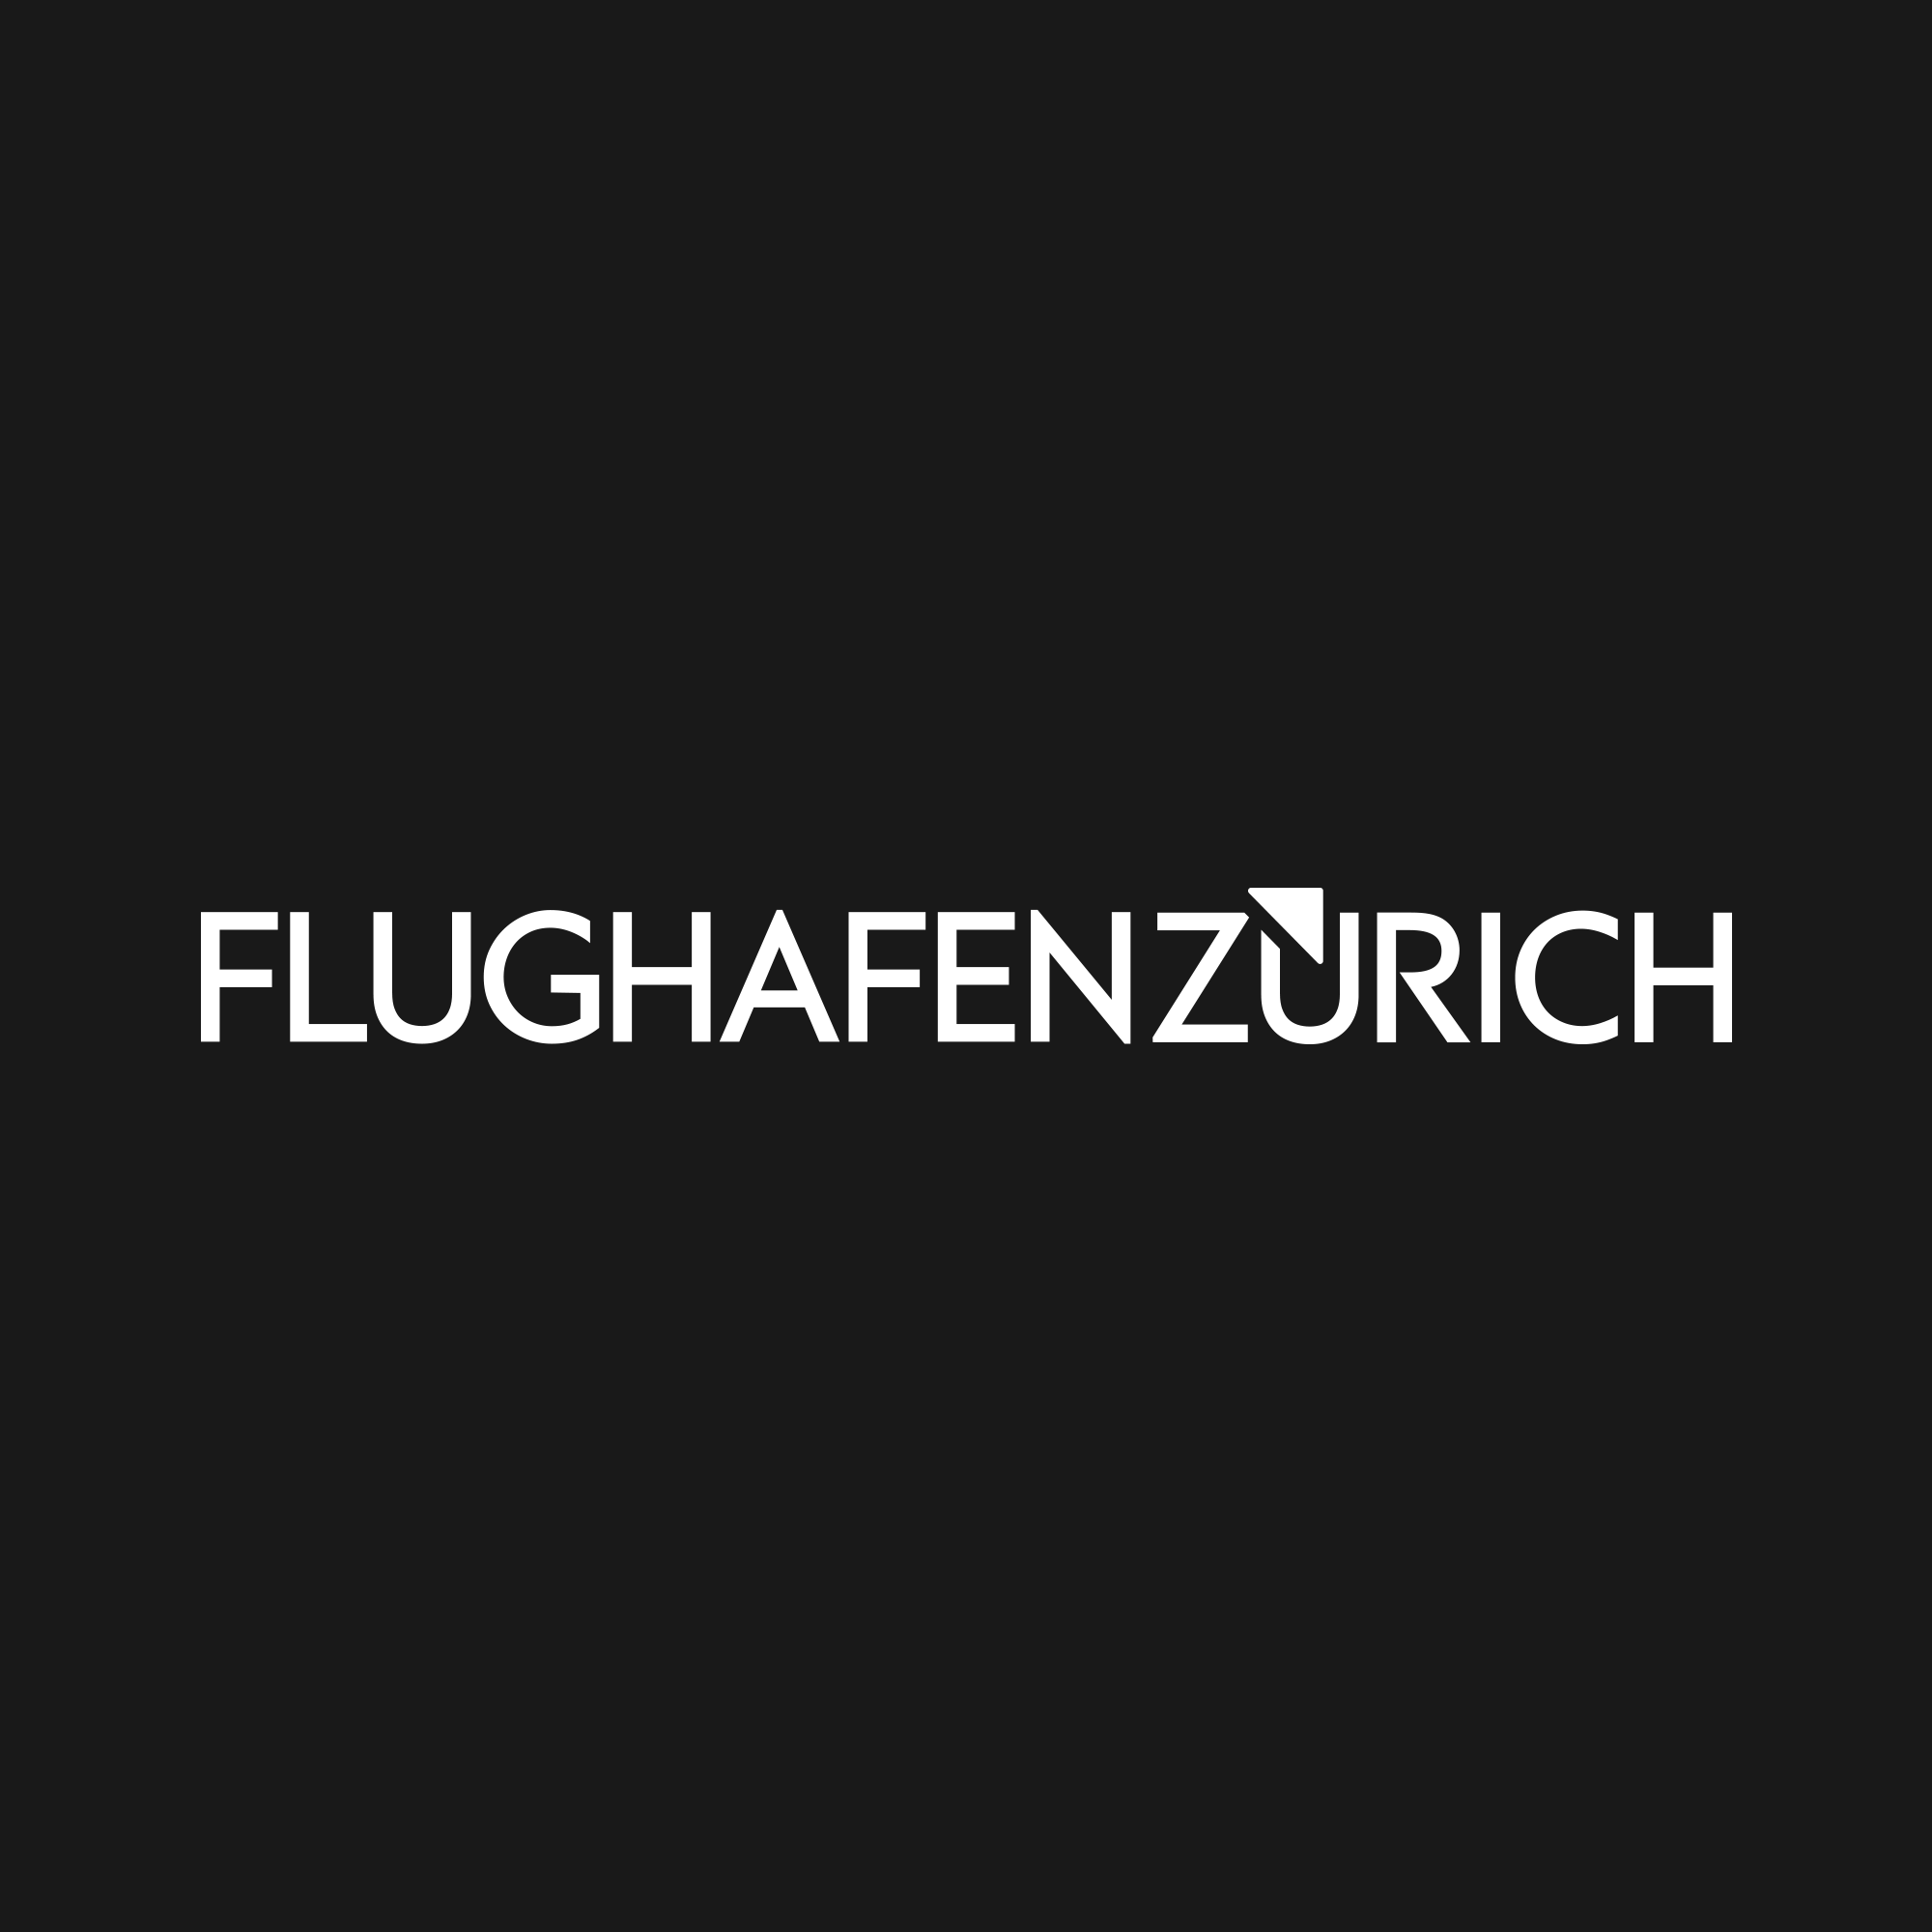 h&p_Flughafen Zürich